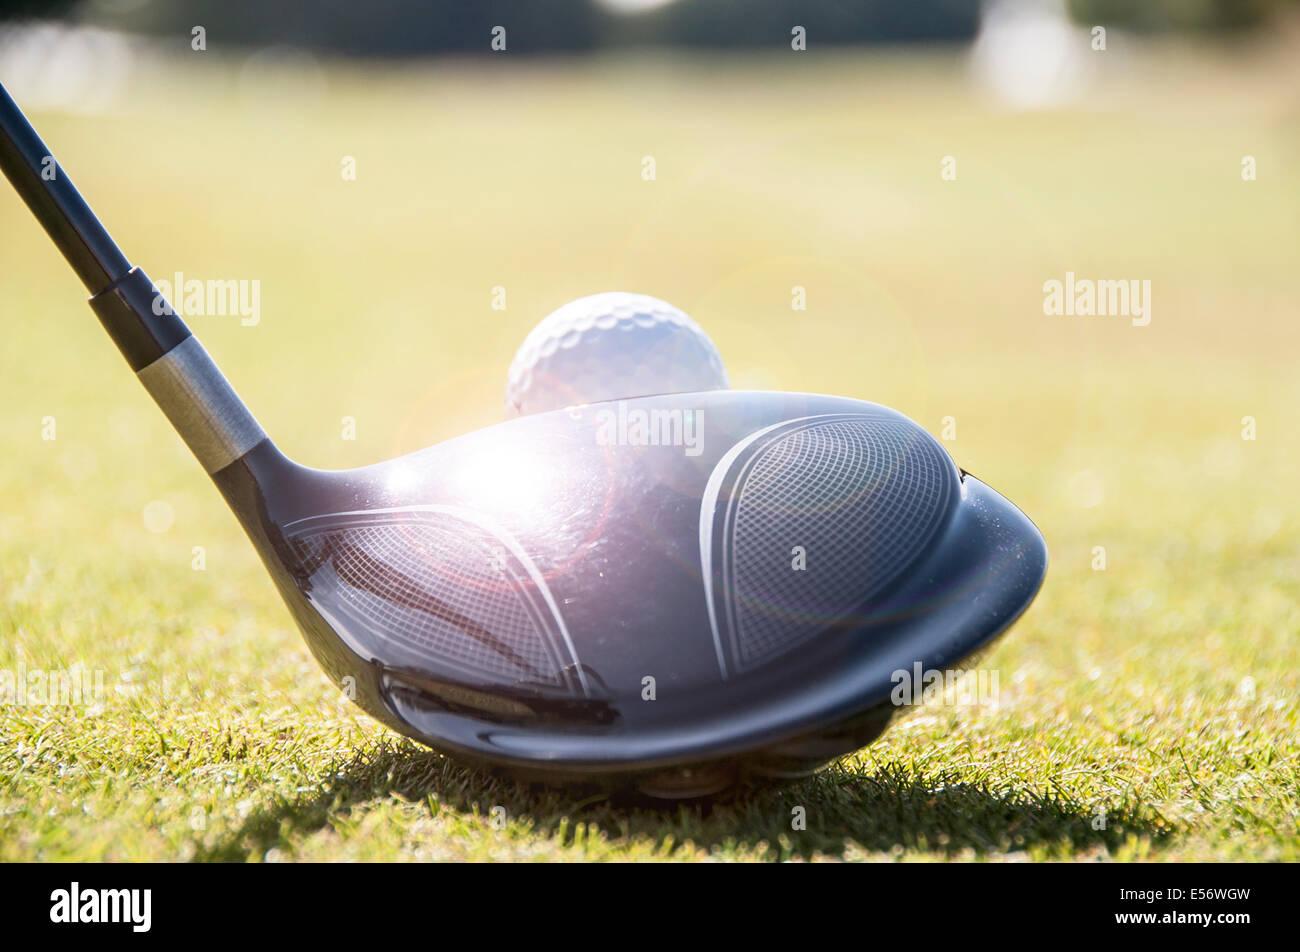 Alignement d'un golfeur driver club de golf sur le tee, prêt à frapper la balle de golf blanche. Photo Stock